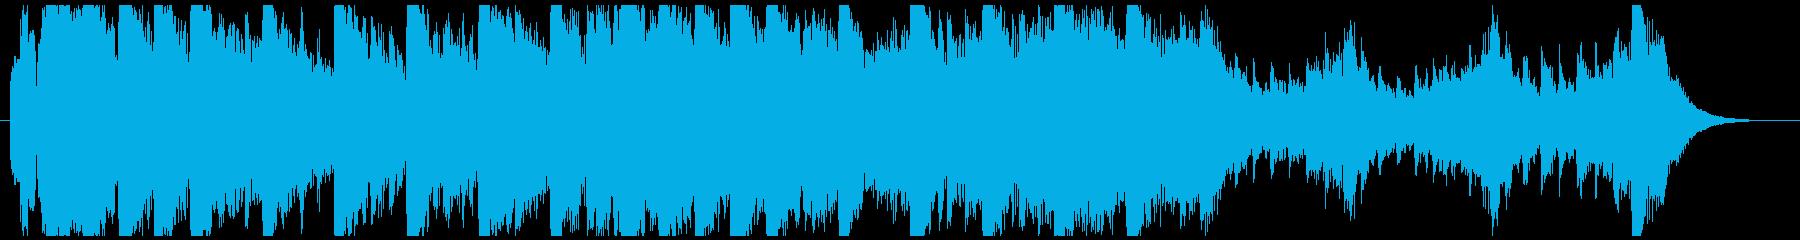 ハローウィン用のホラー曲-30秒の再生済みの波形